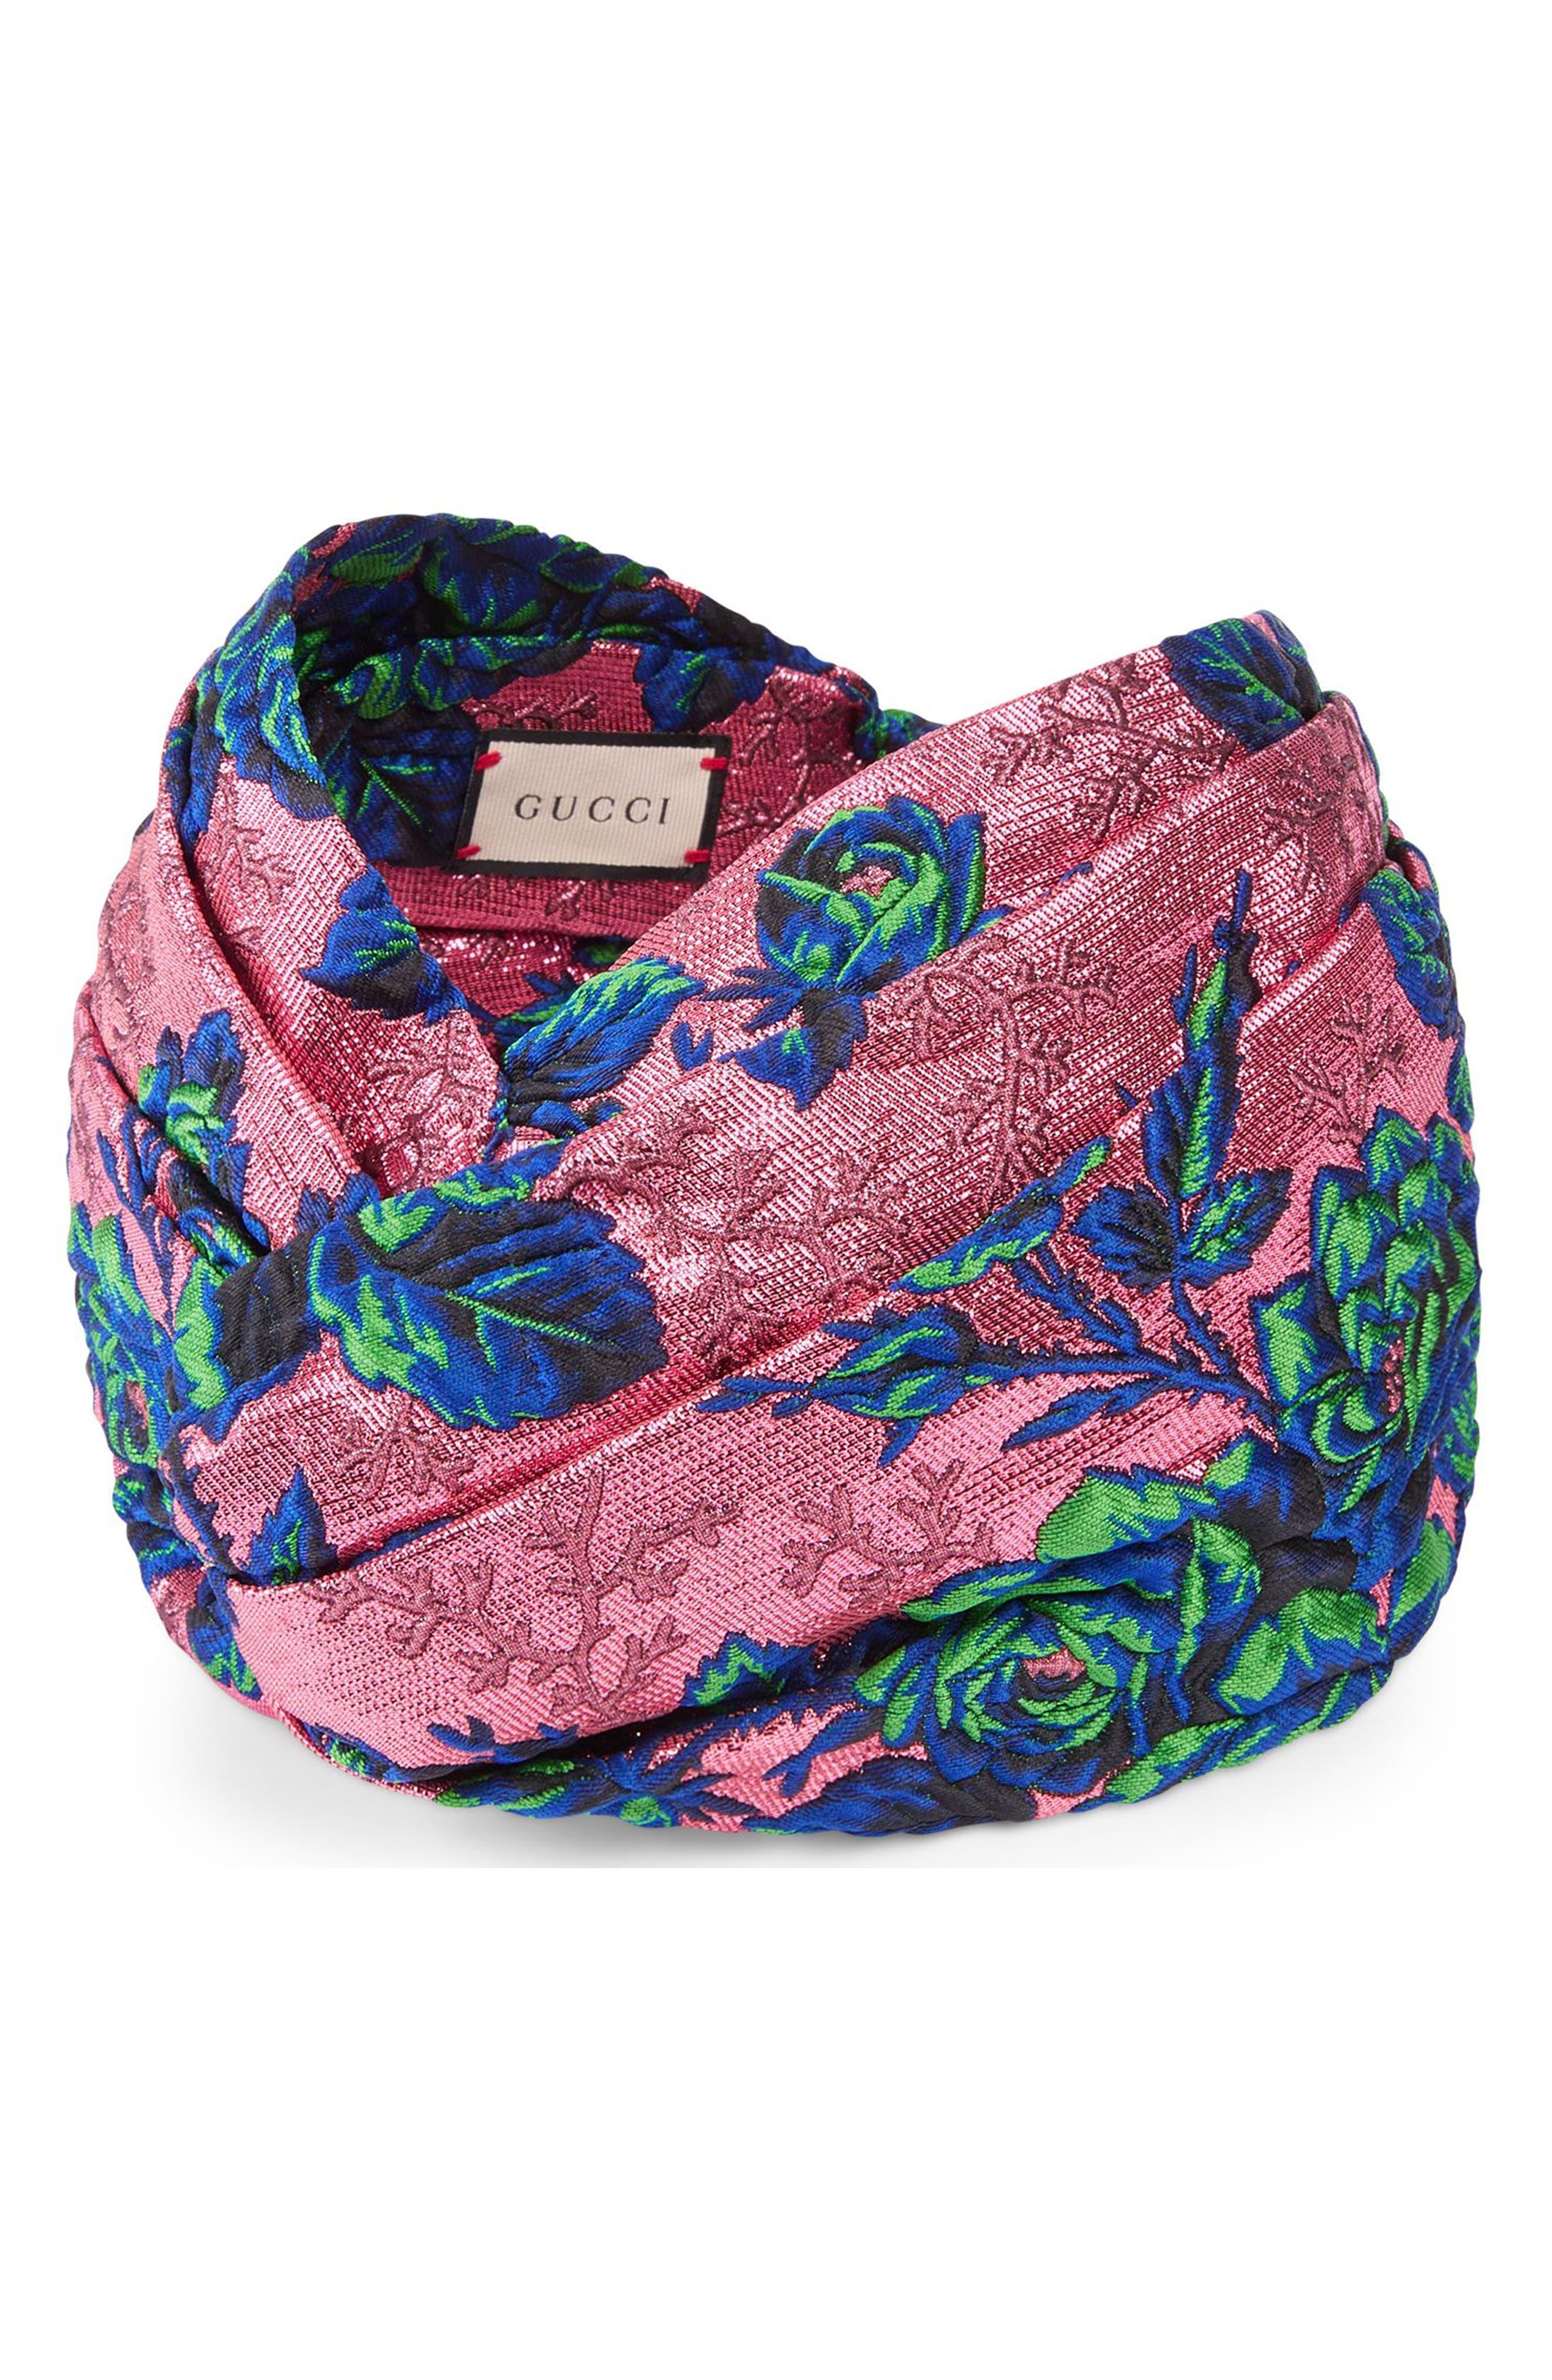 20c97cfa4e1 Gucci Headbands for Women